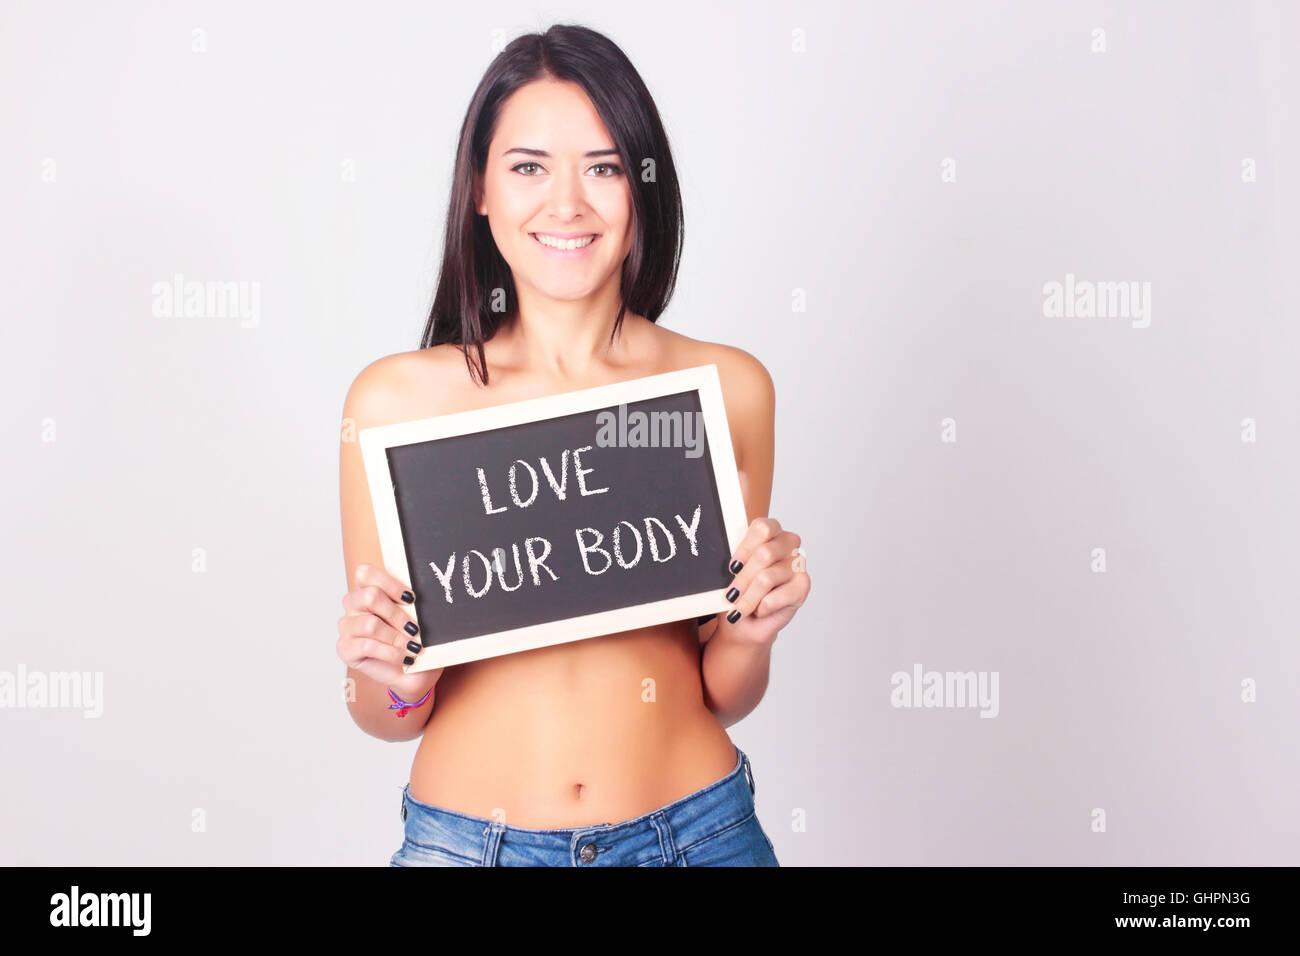 Mujer joven la celebración de pizarra que lee el amor a tu cuerpo. El amor propio concepto. Imagen De Stock